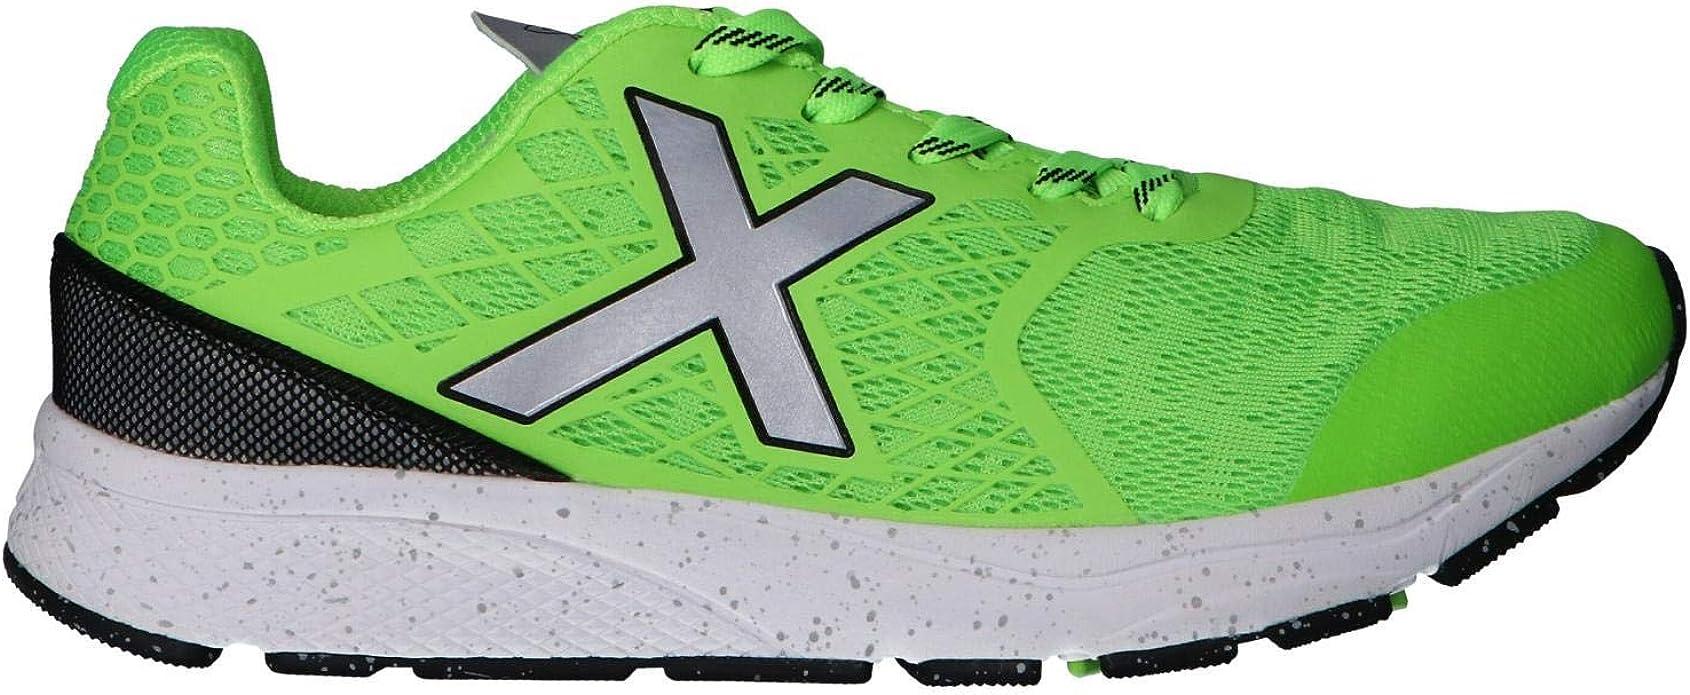 Munich Zapatillas Deporte 4116810 R-x Lima 41 para Hombre y Mujer: Amazon.es: Zapatos y complementos